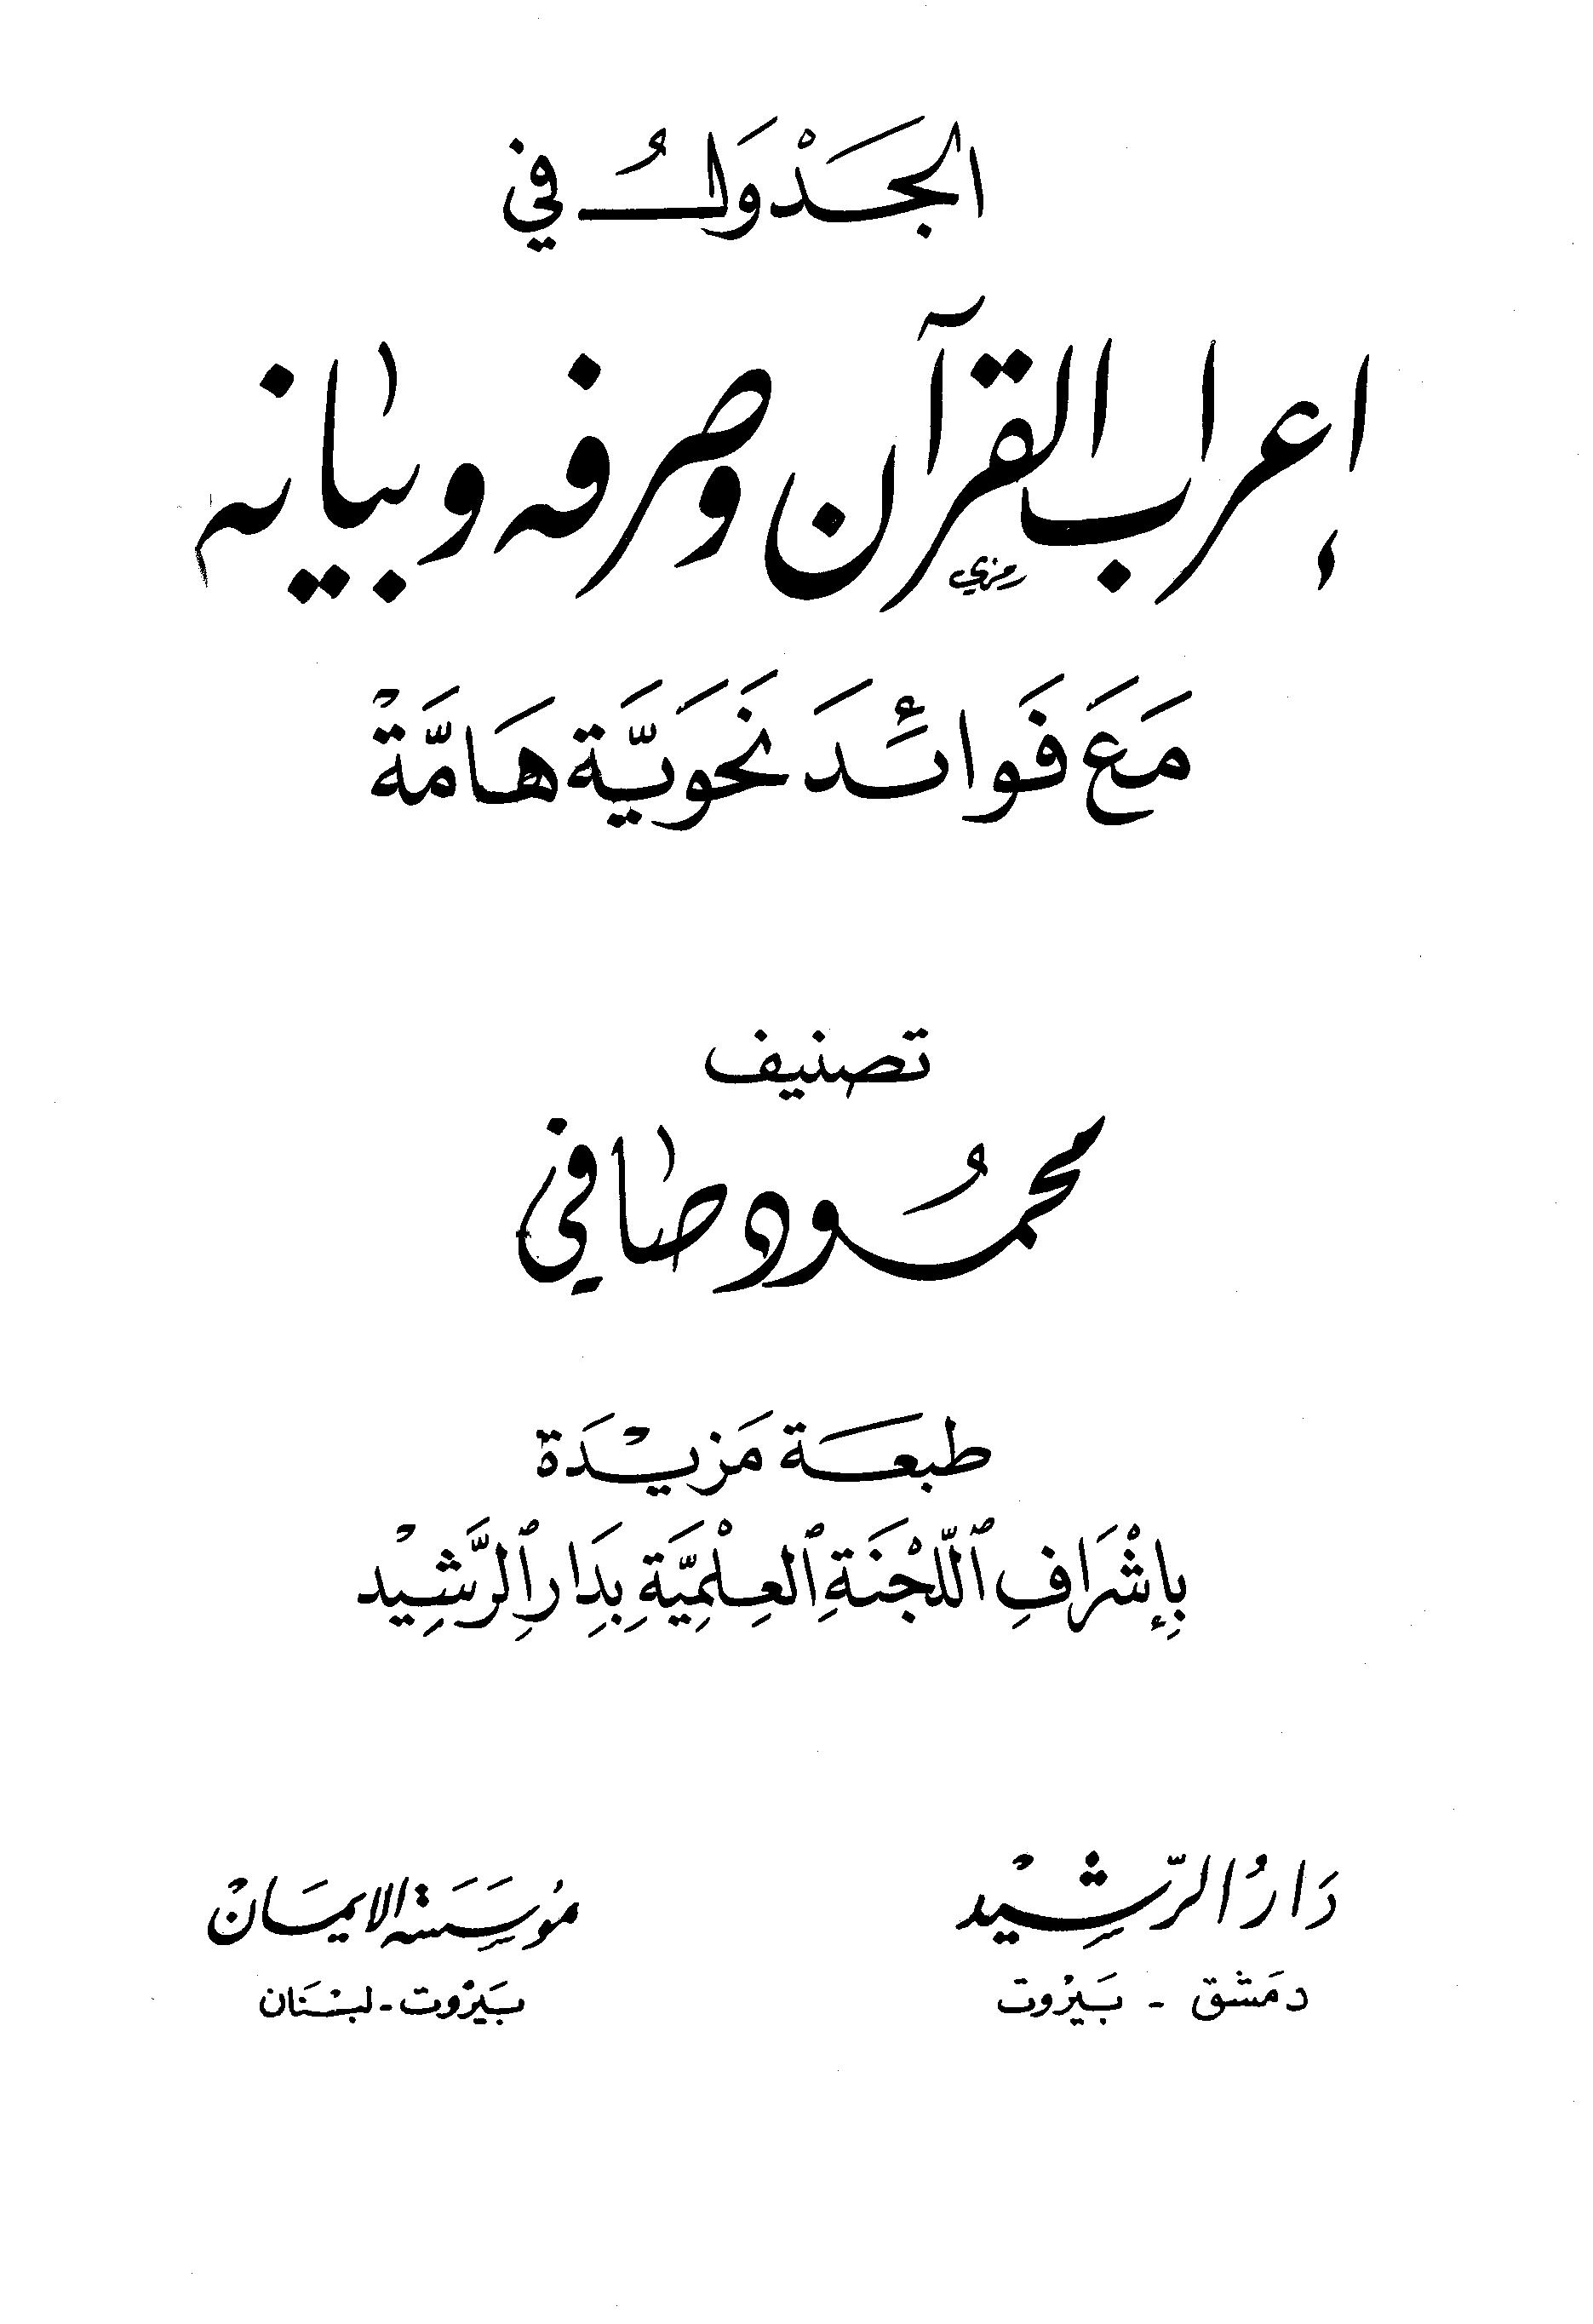 تحميل كتاب الجدول في إعراب القرآن وصرفه وبيانه مع فوائد نحوية هامة لـِ: الشيخ محمود بن عبد الرحيم صافي (ت 1376)